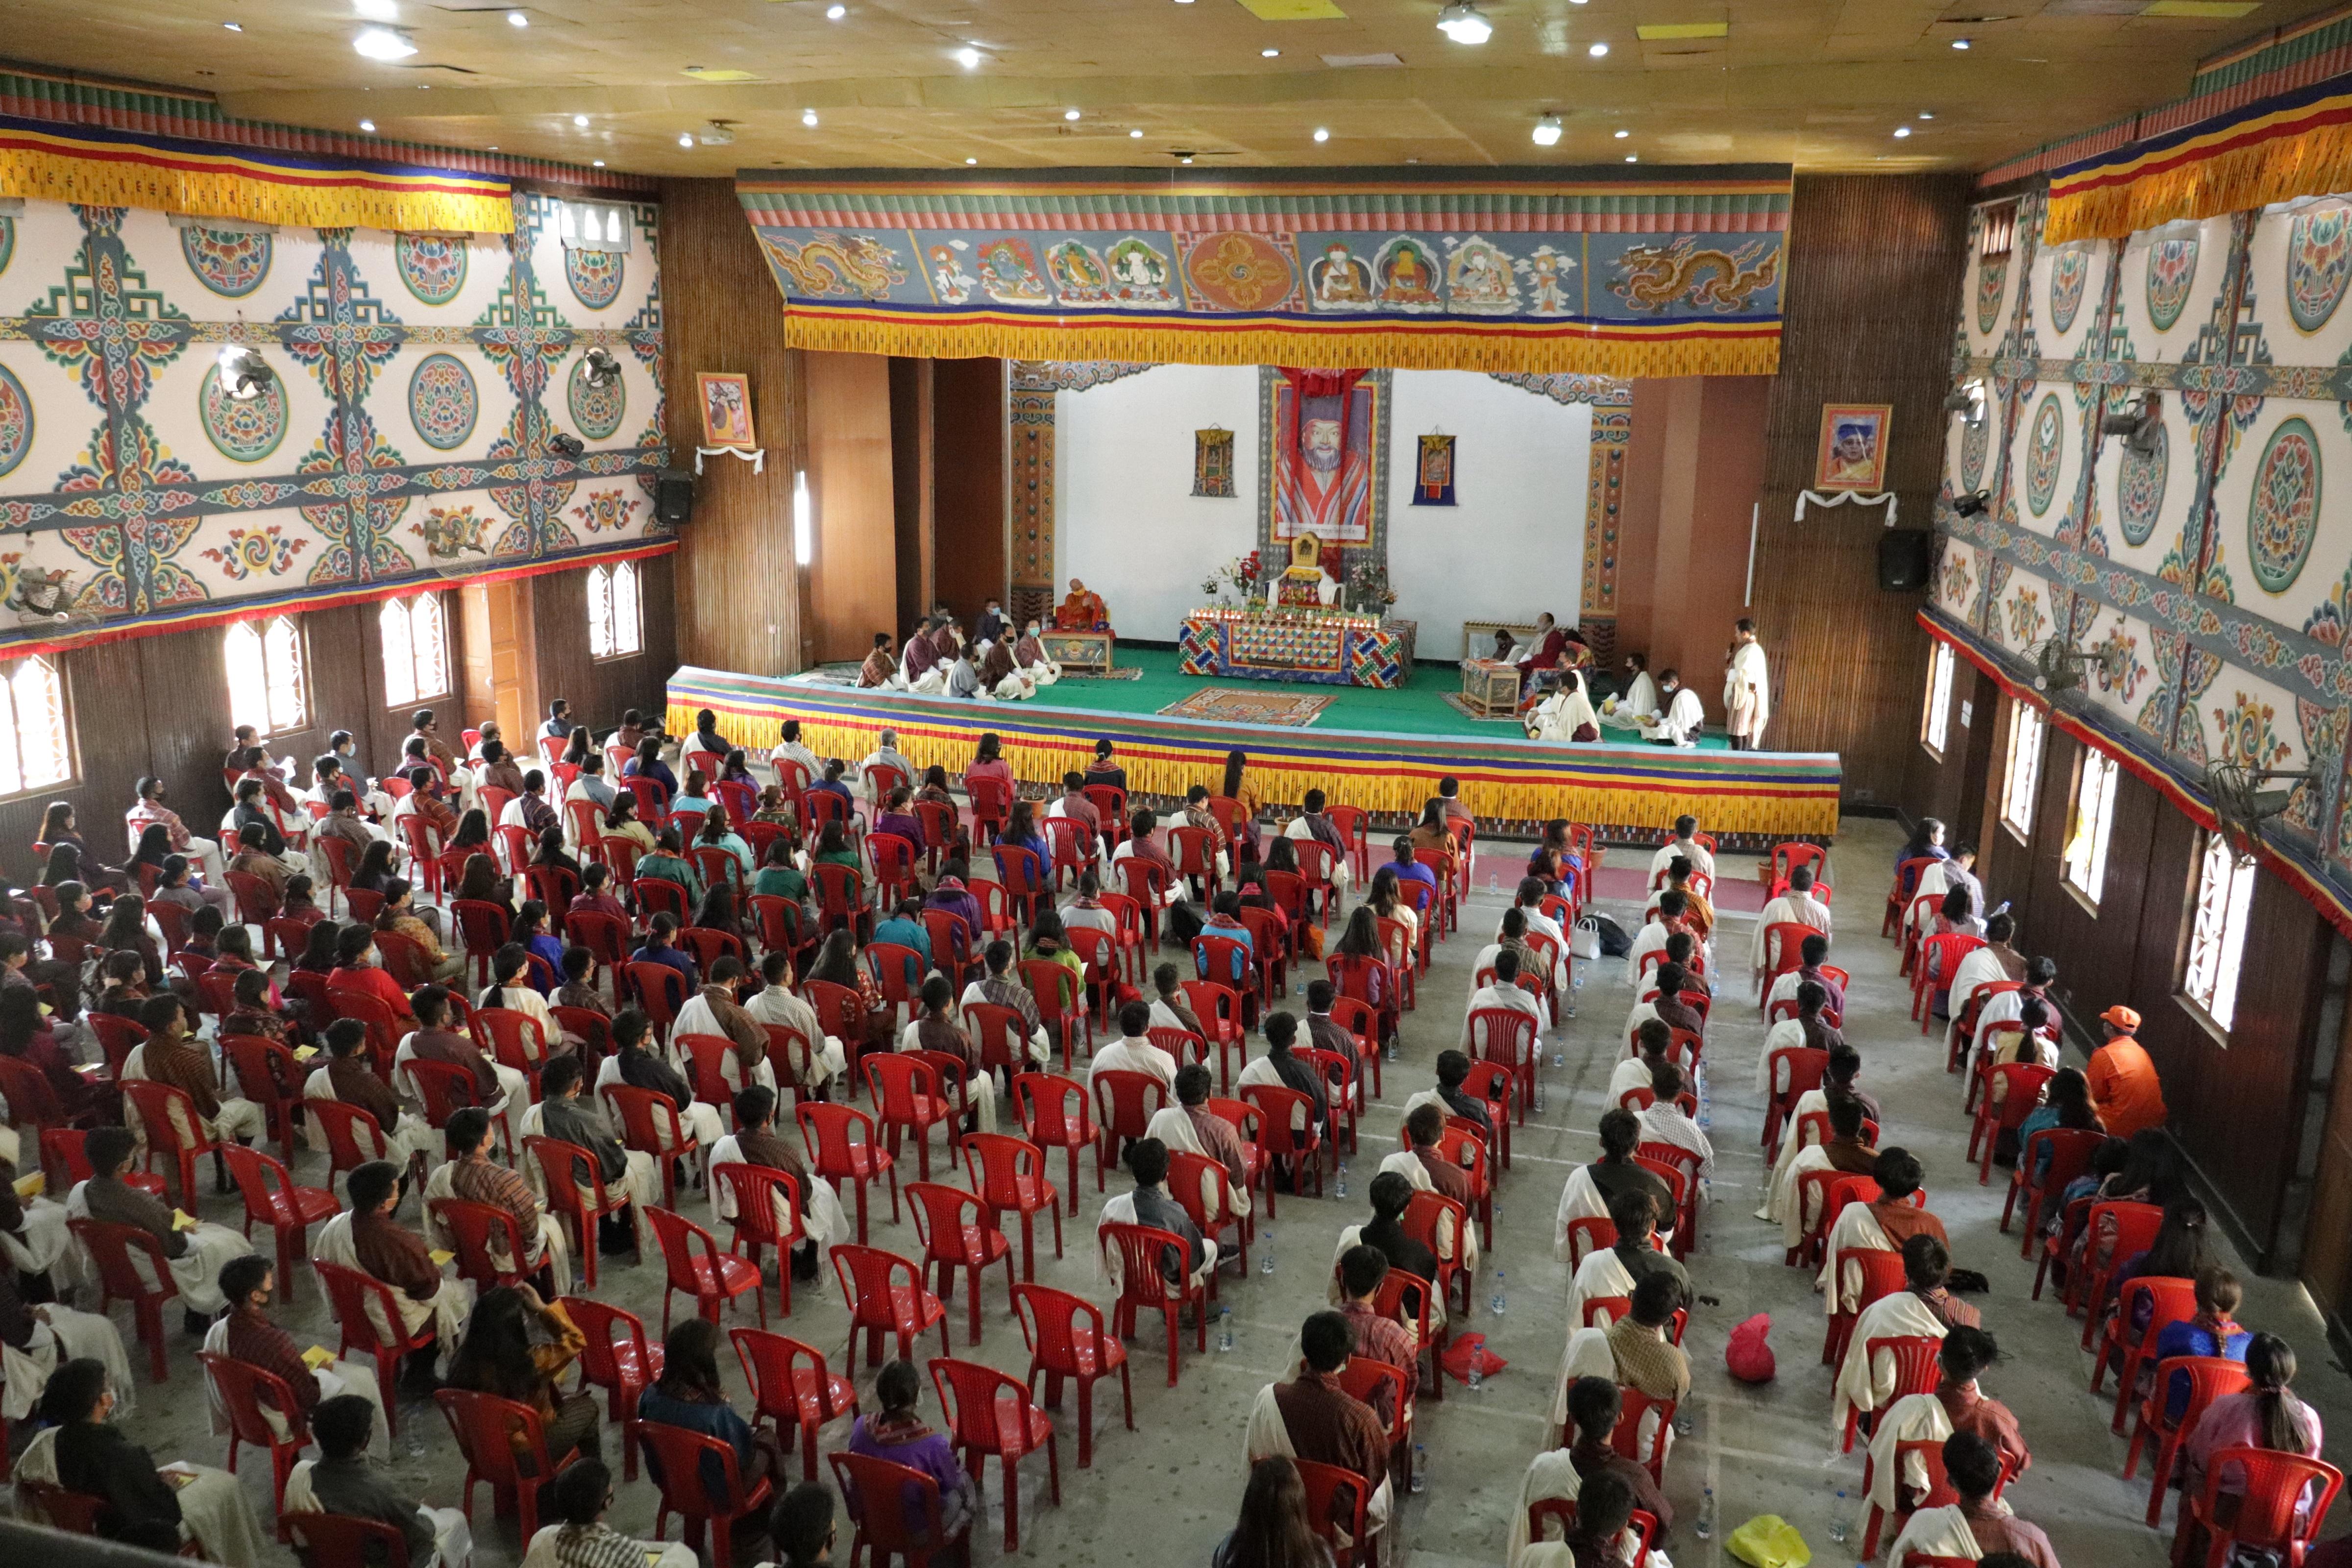 Recitation of Jigten Wangchuk to Mark Zhabdrung Kuchoe